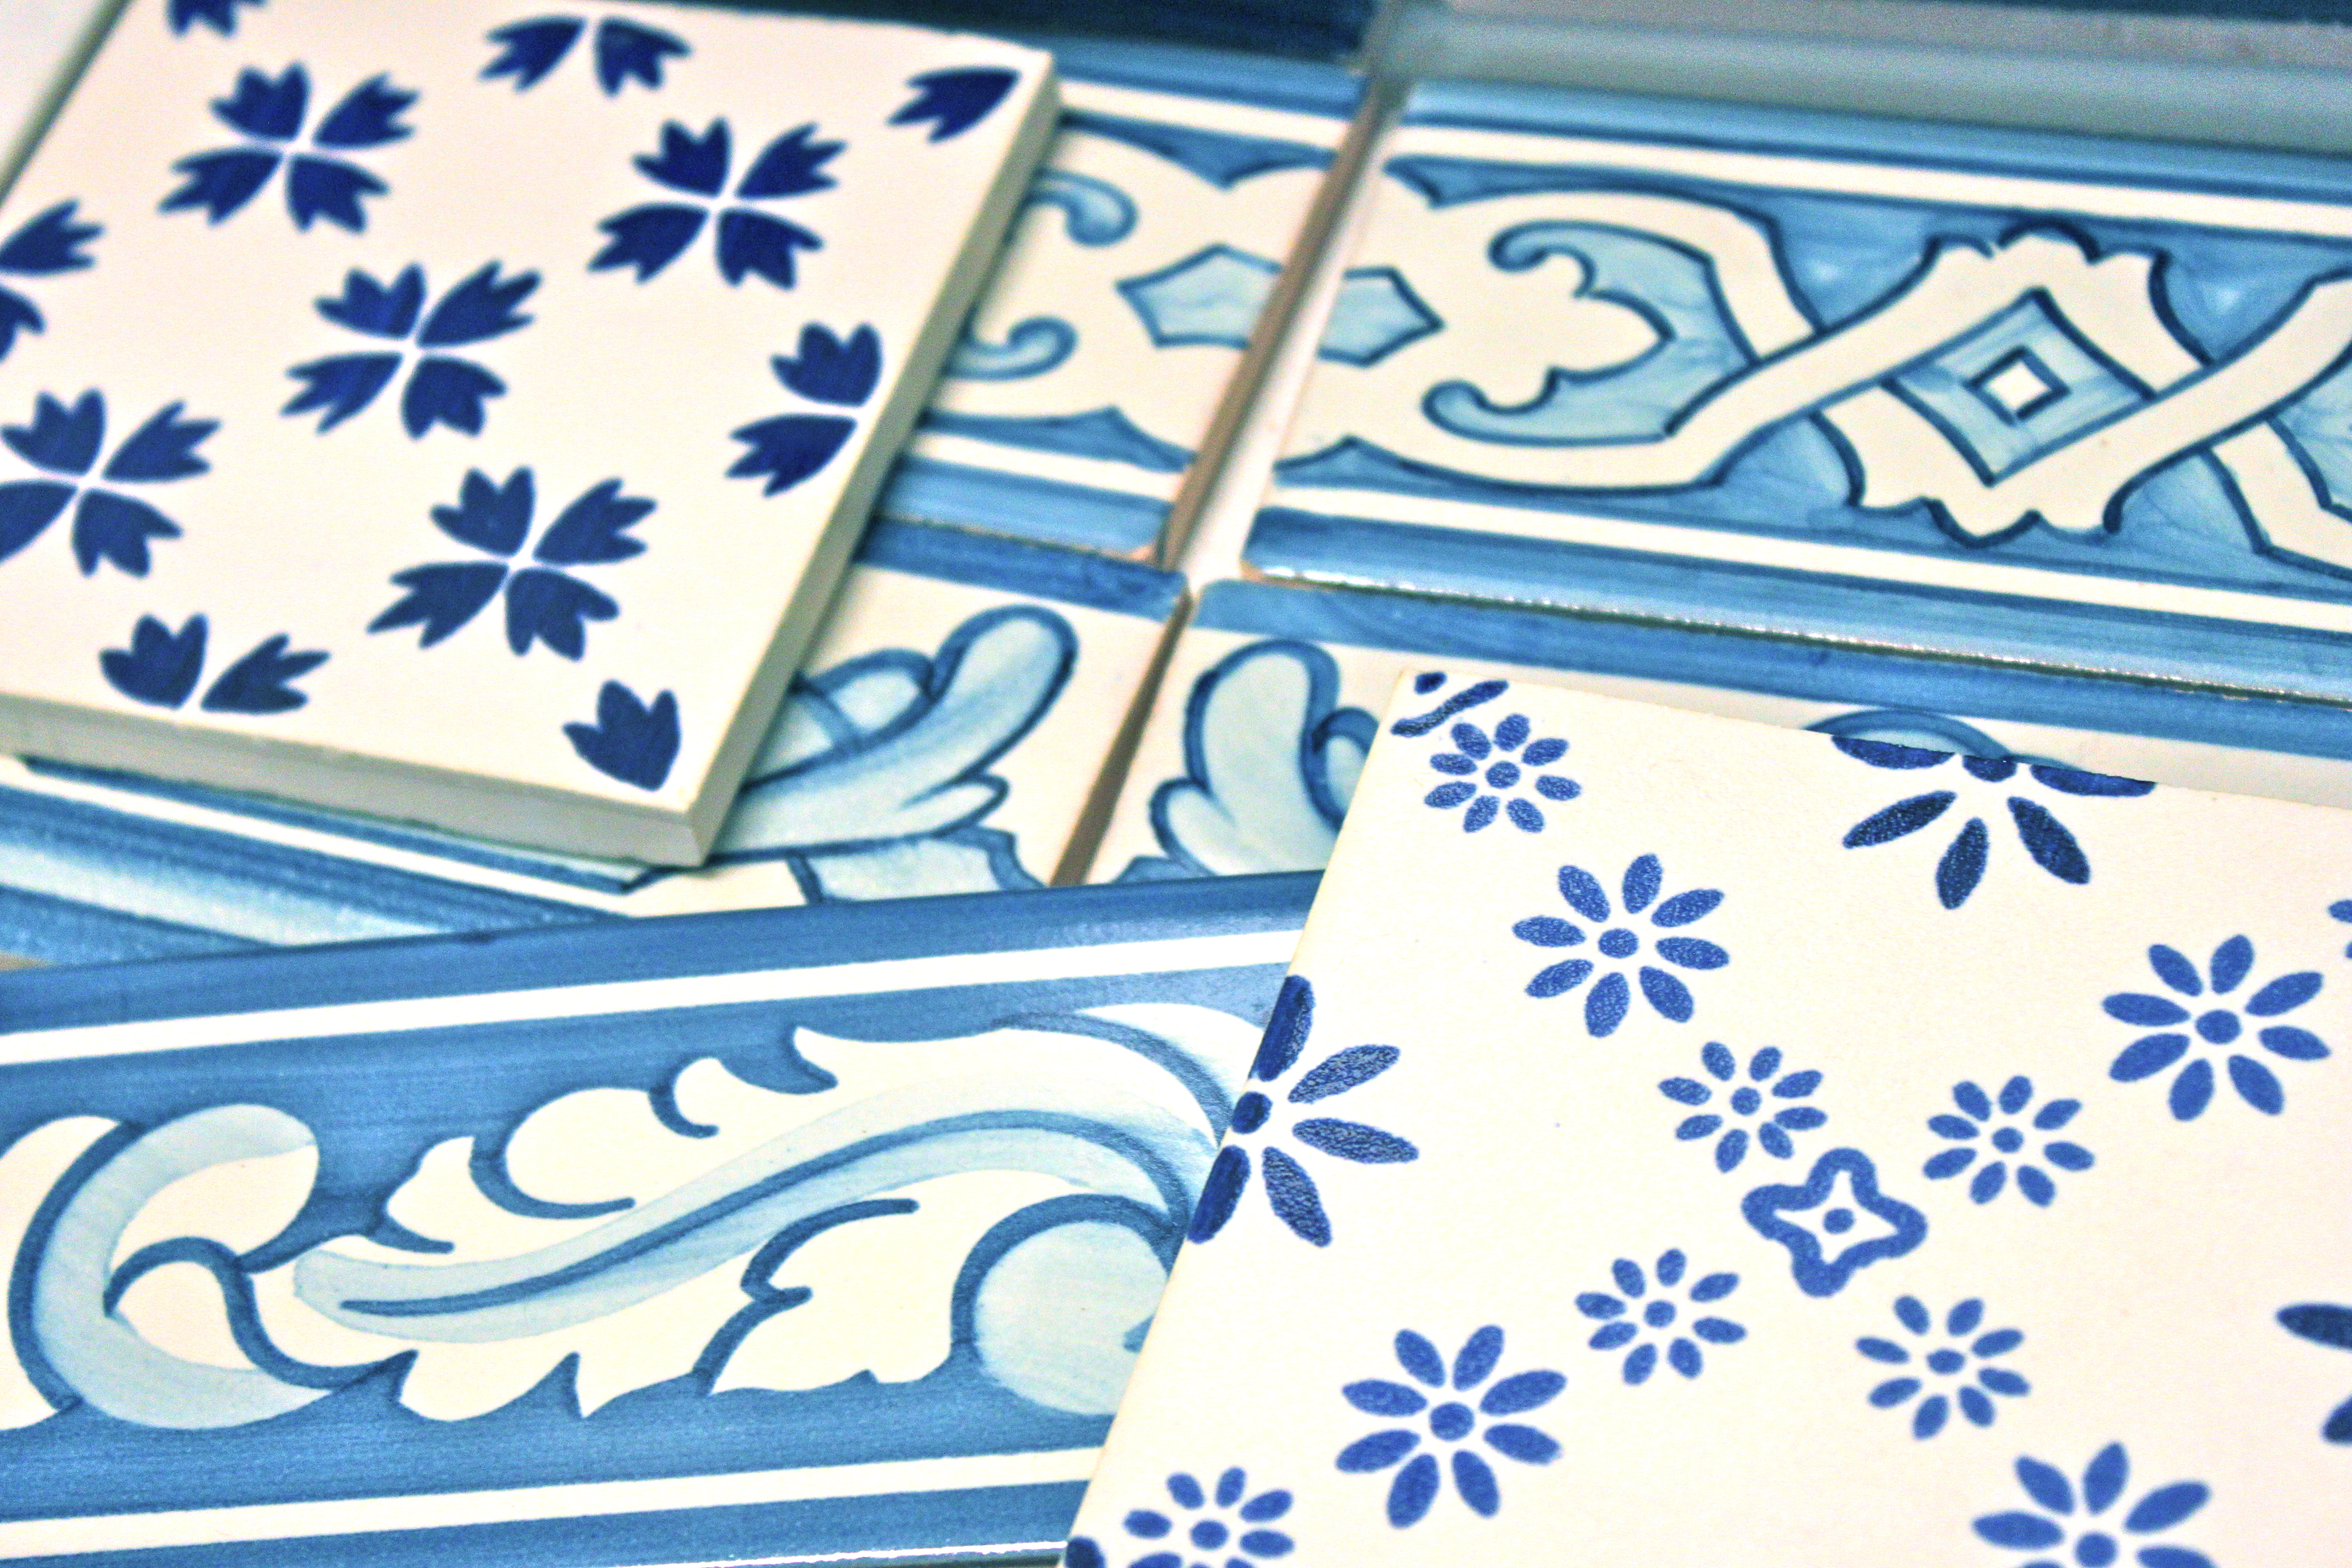 Ceramis azulejos les carreaux du portugal so many paris for Achat faience